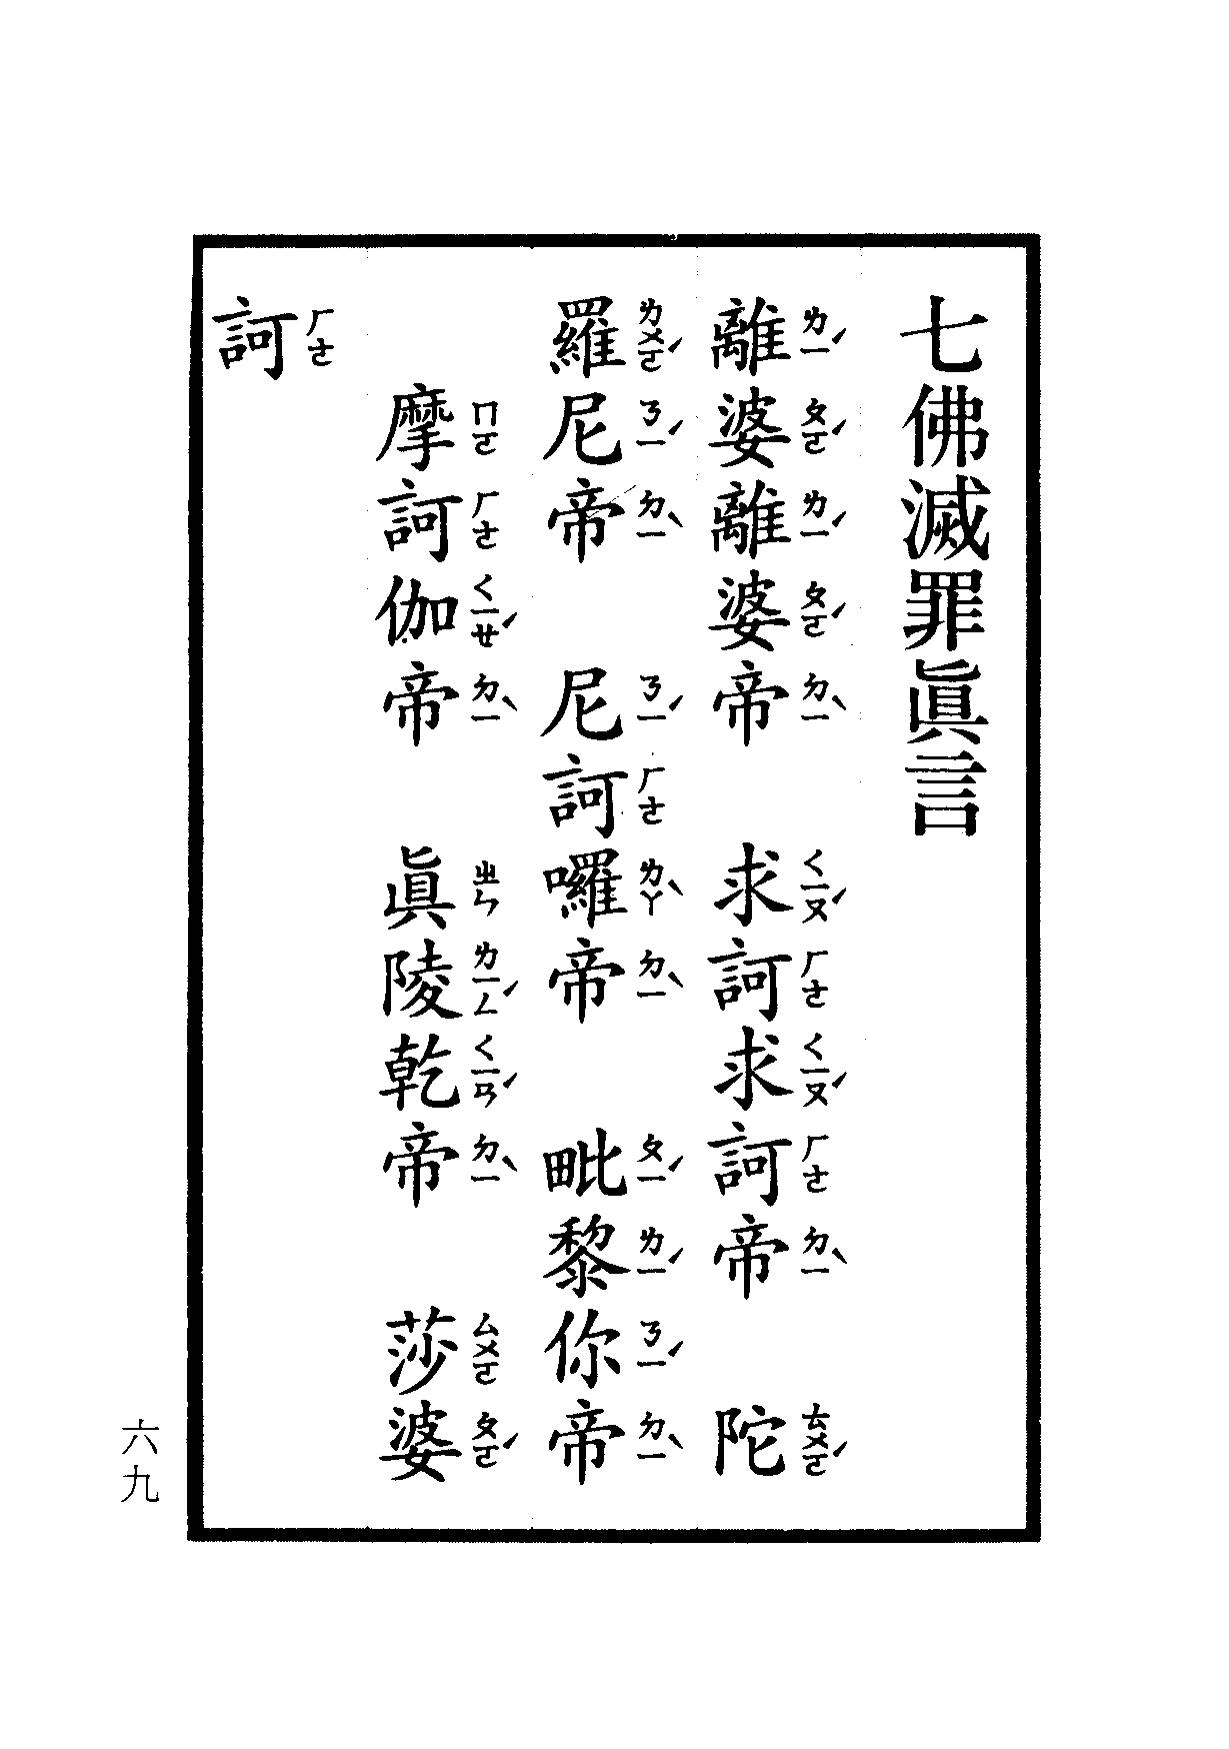 楞嚴咒-大悲咒-十小咒-易背本 75.png